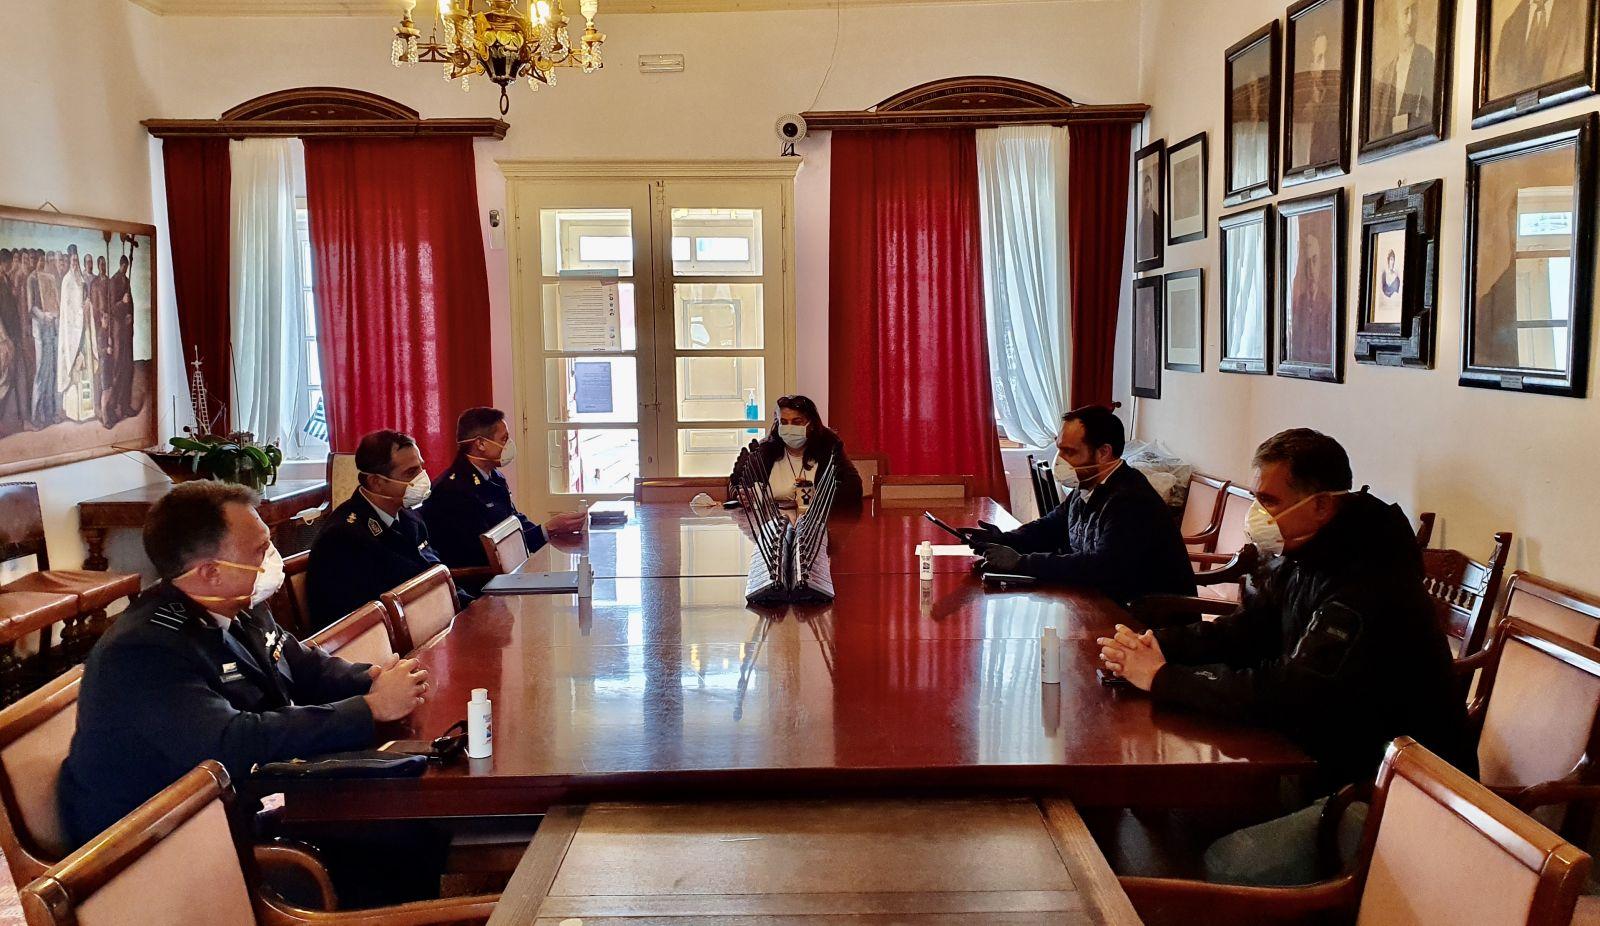 Εντατικοποίηση των ελέγχων και επιστολή στον πρωθυπουργό αποφάσισε το Συντονιστικό Όργανο Πολιτικής Προστασίας Μυκόνου